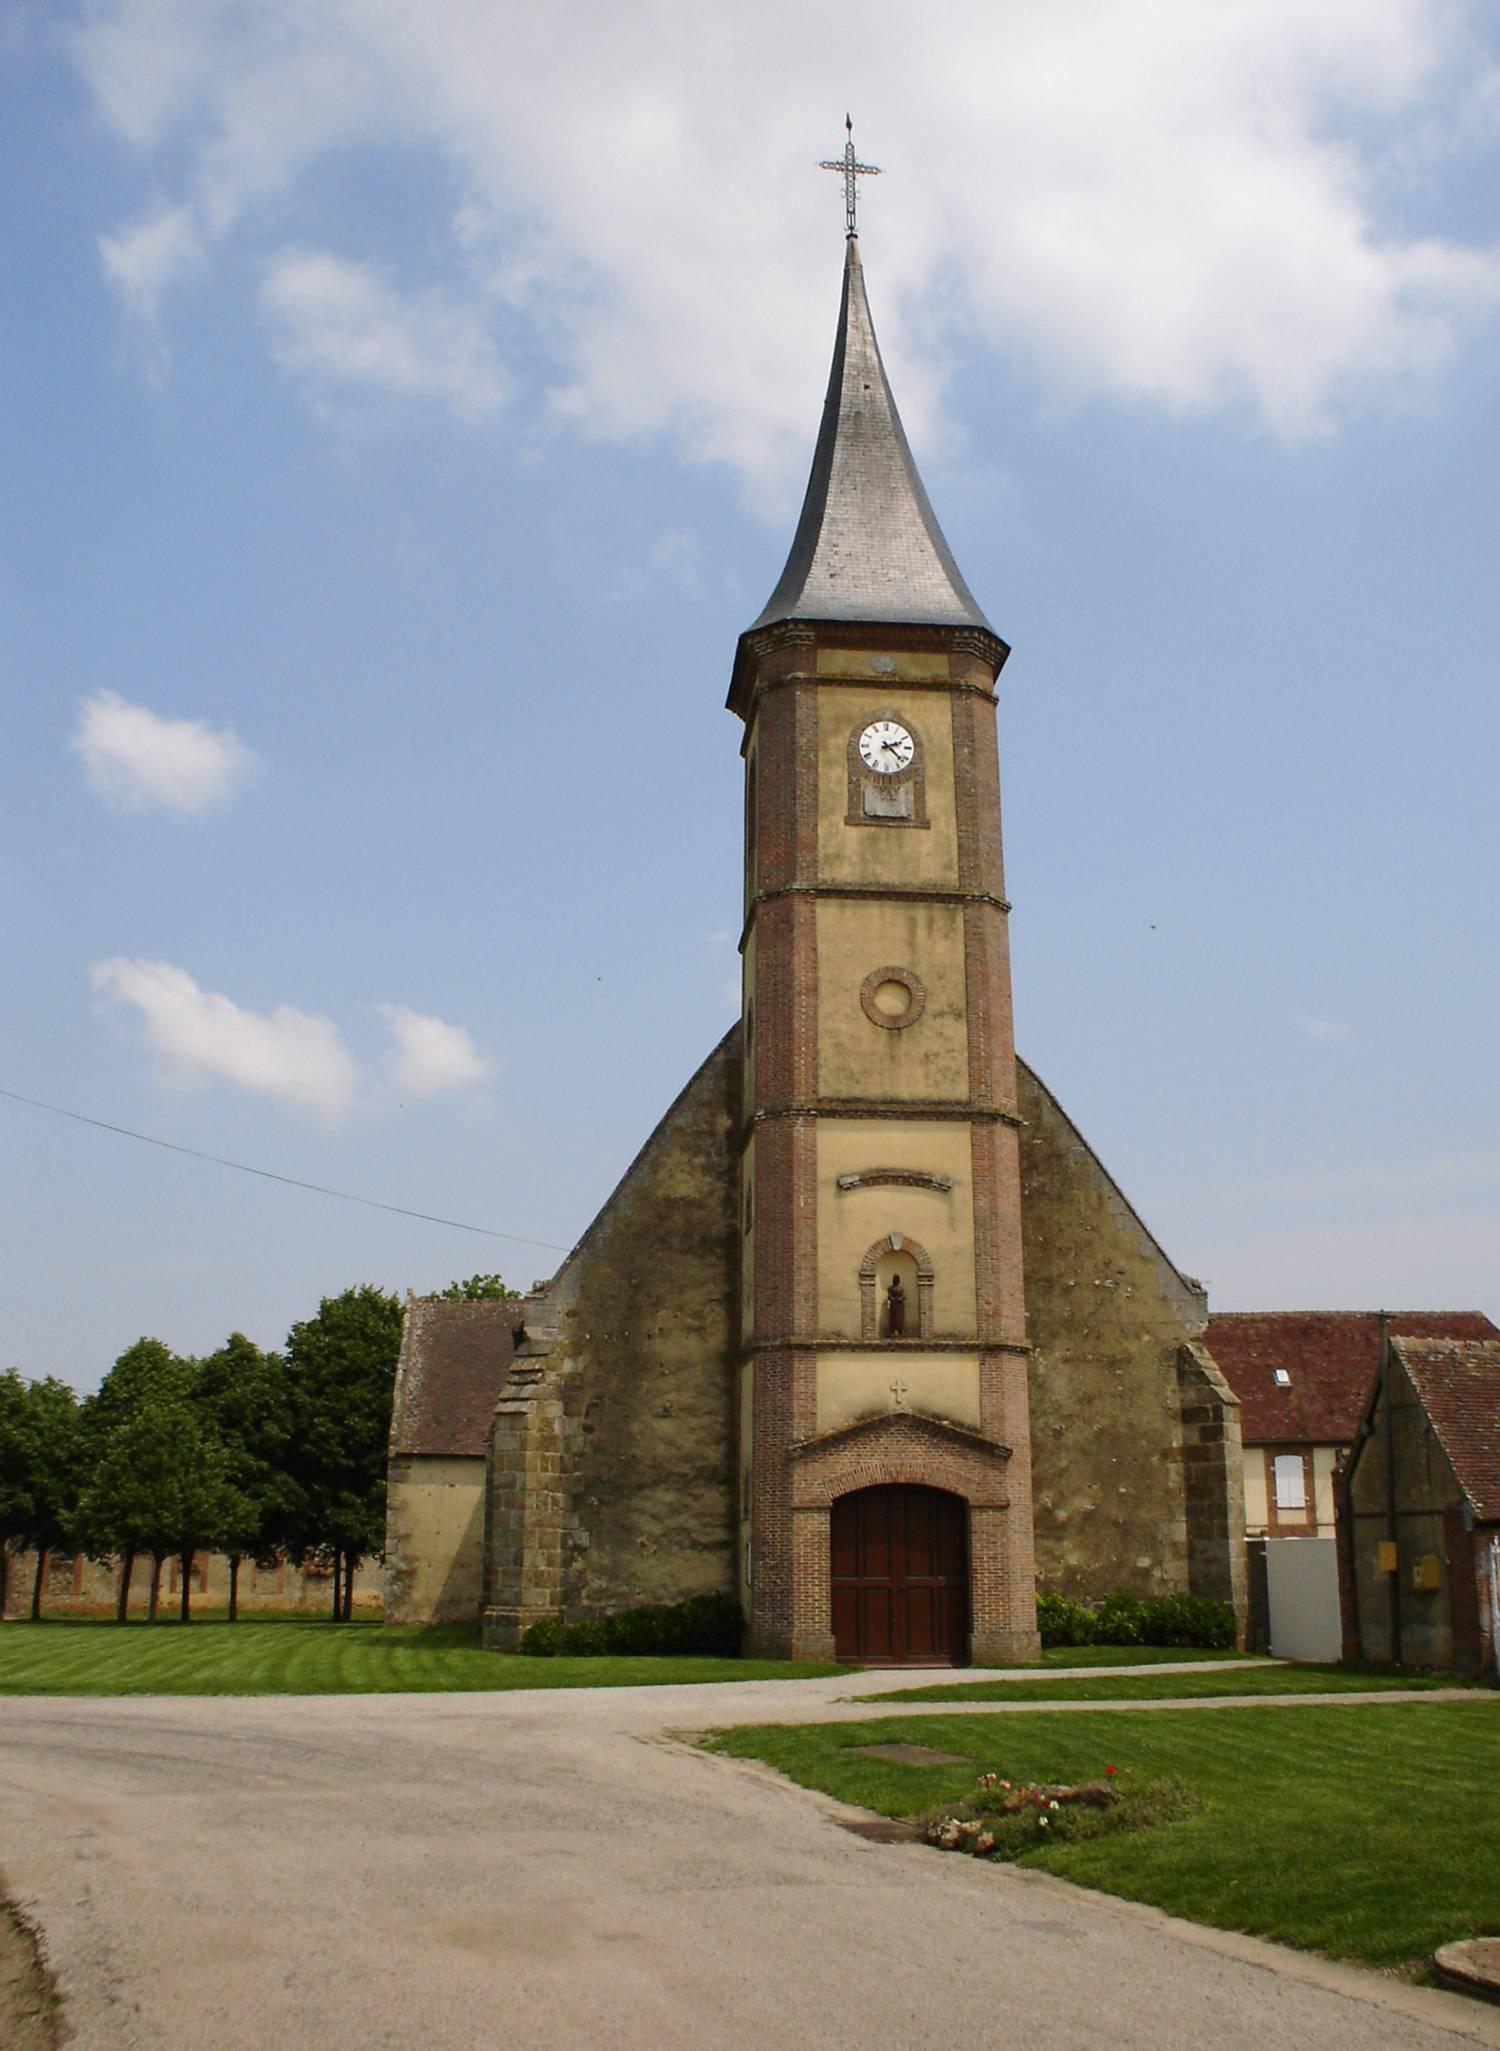 Gourant-le-Guérin (27) Eglise Saint-Lambert Fondation La Sauvegarde de l'Art Français